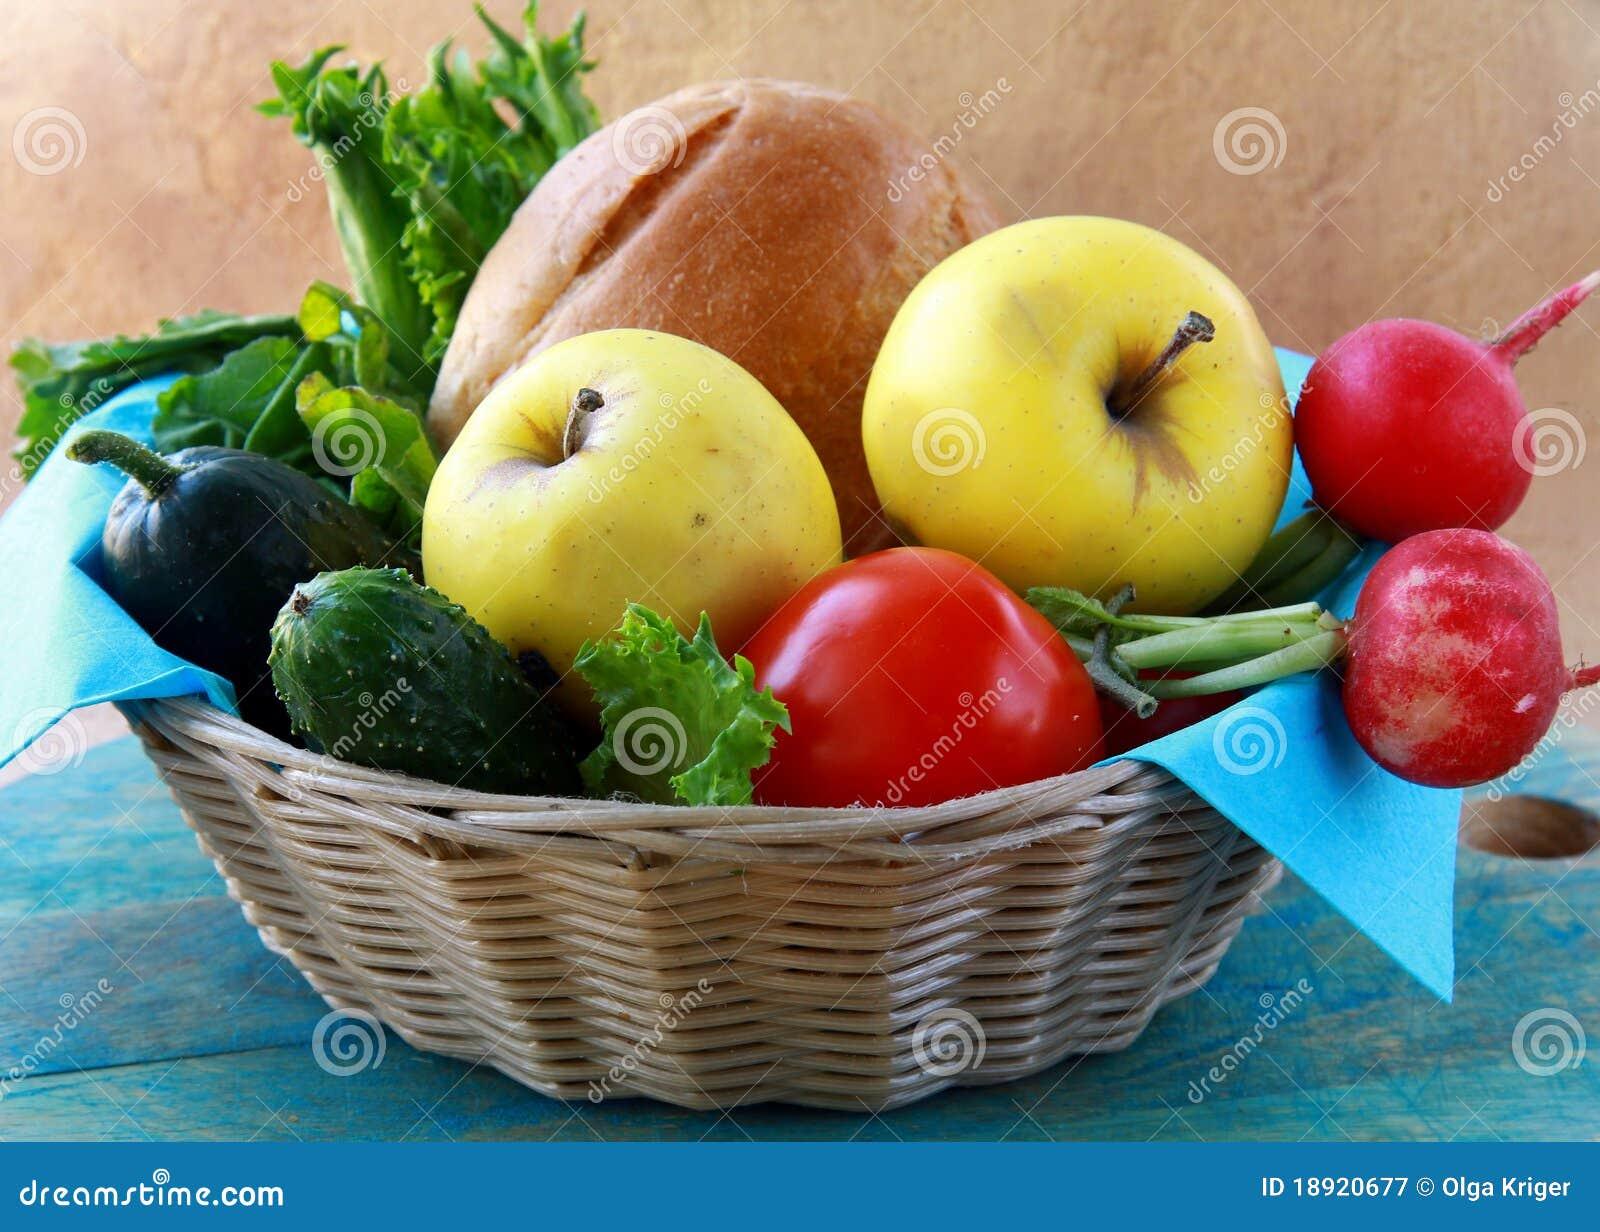 篮子面包食物新鲜水果充分的野餐蔬菜.图片